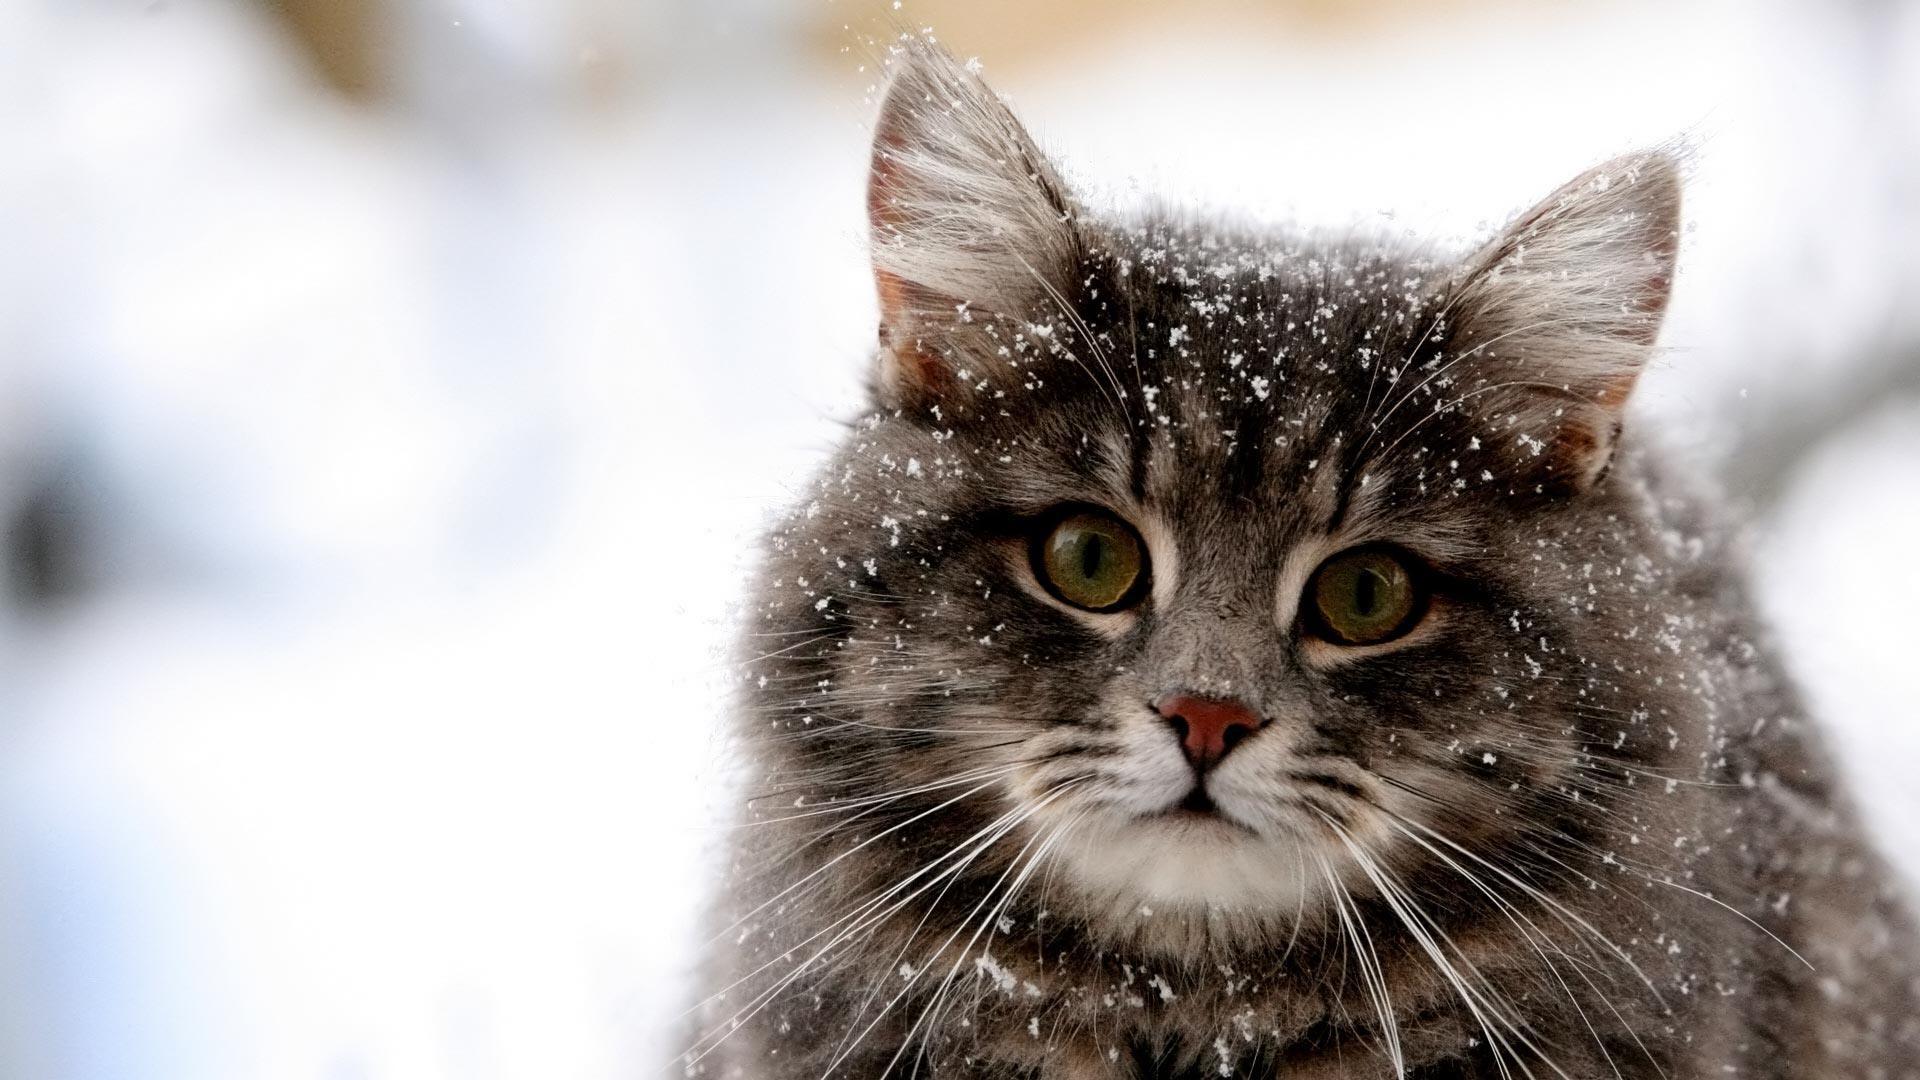 Cute Cat Winter Snow HD Wallpaper Cute Cat Winter Snow